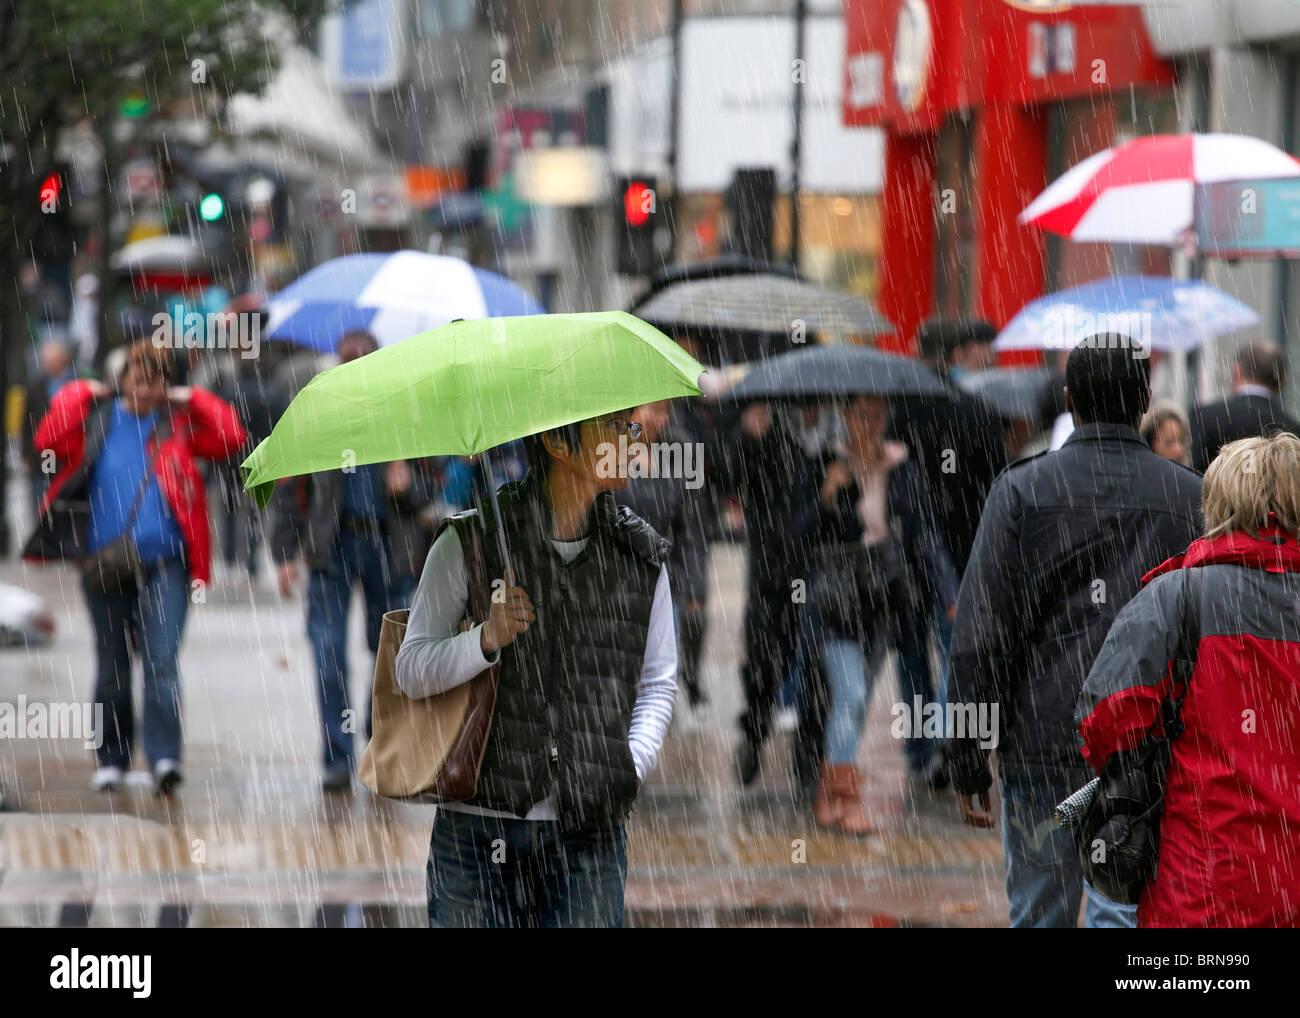 Gli amanti dello shopping in una fredda e piovosa giornata. Immagini Stock